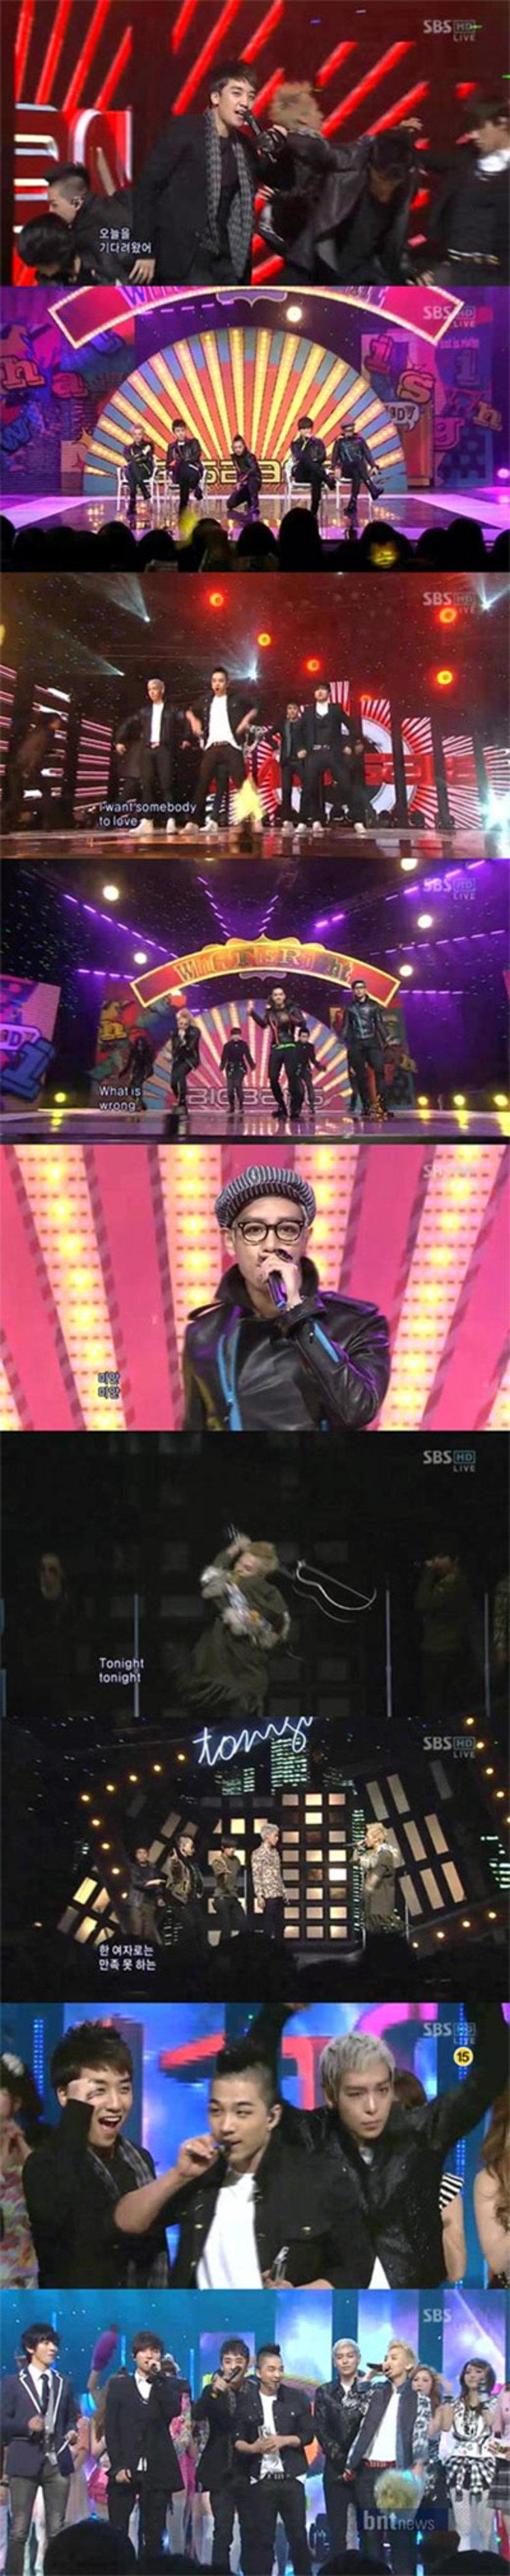 บิ๊กแบง (BIGBANG) ส่งคว้า No.1 SBS Ingygayo